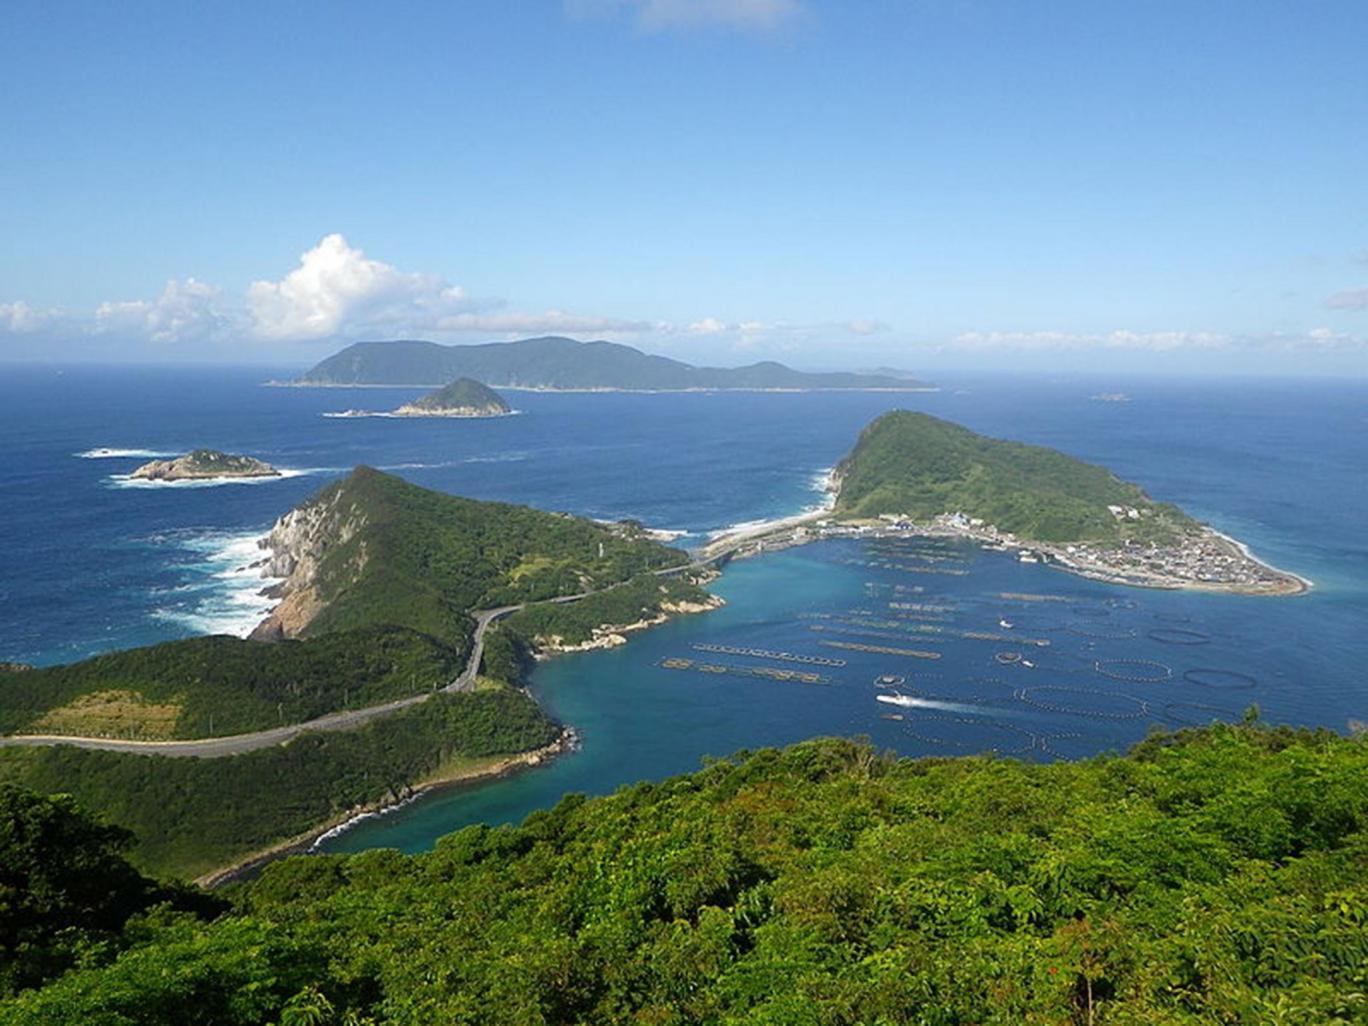 Đảo thiêng cấm phụ nữ của Nhật Bản được UNESCO công nhận là di tích văn hóa thế giới - Ảnh 1.